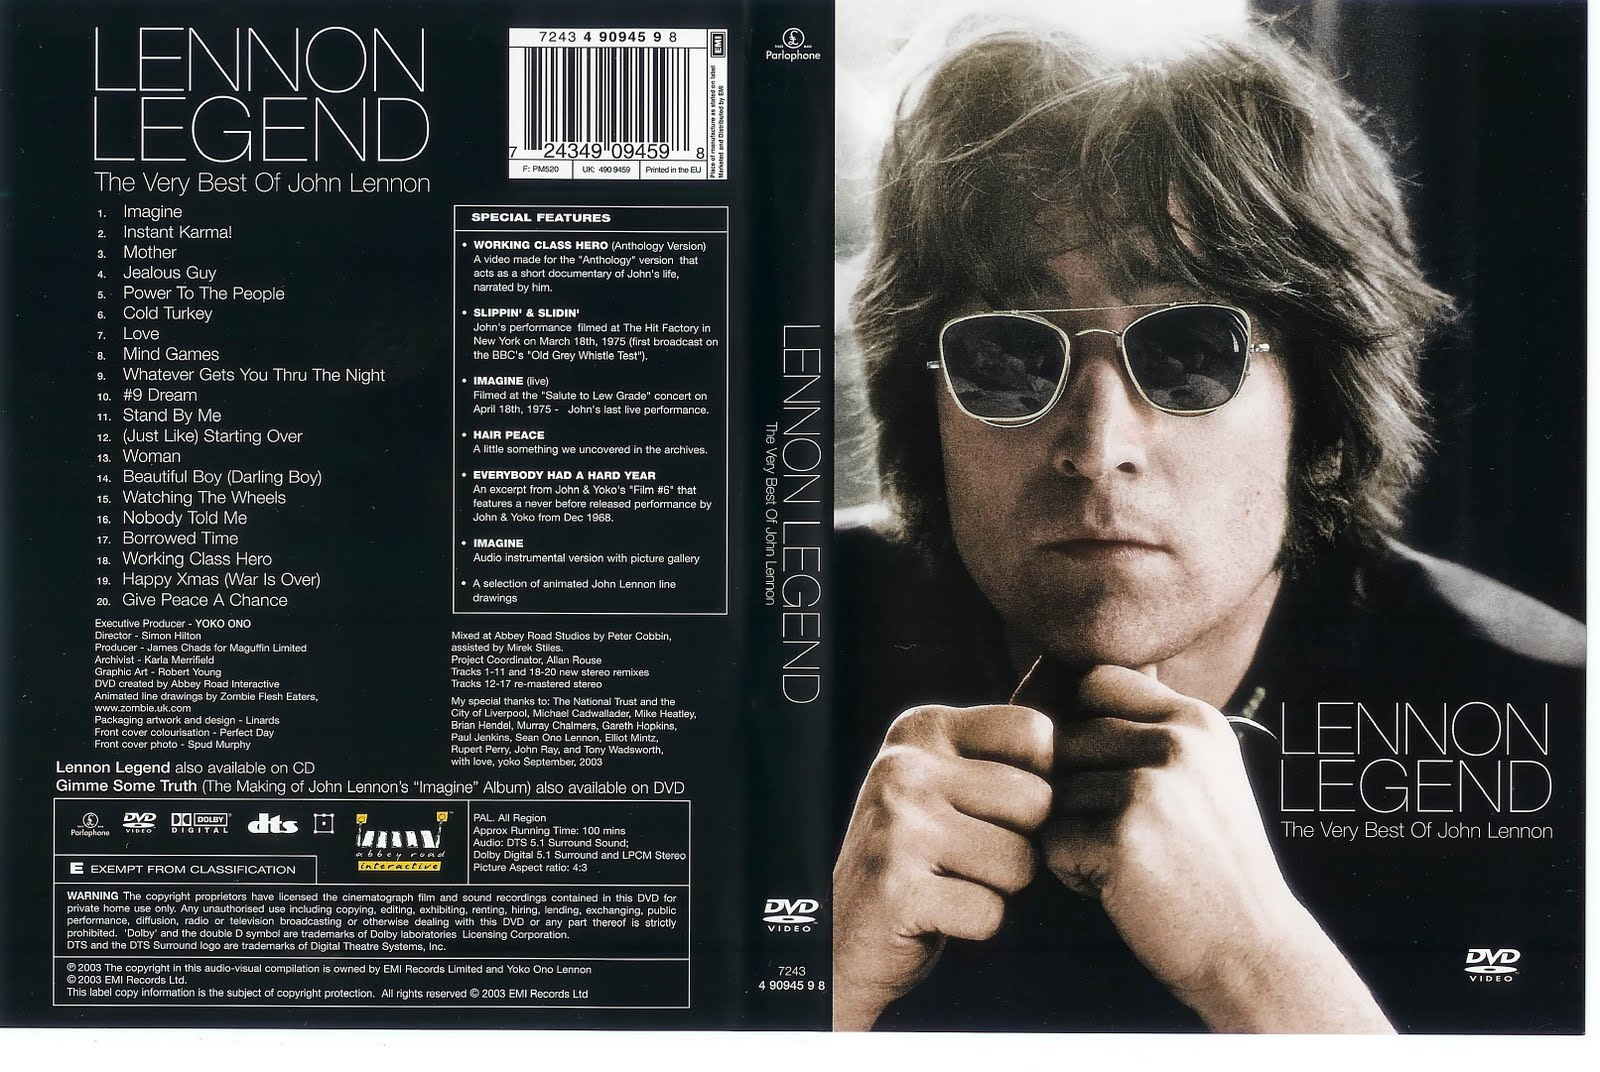 http://4.bp.blogspot.com/_brcl7Spzbn4/TRoEXXhij-I/AAAAAAAAAyg/y9c5saOotso/s1600/John-Lennon-Legend.jpg